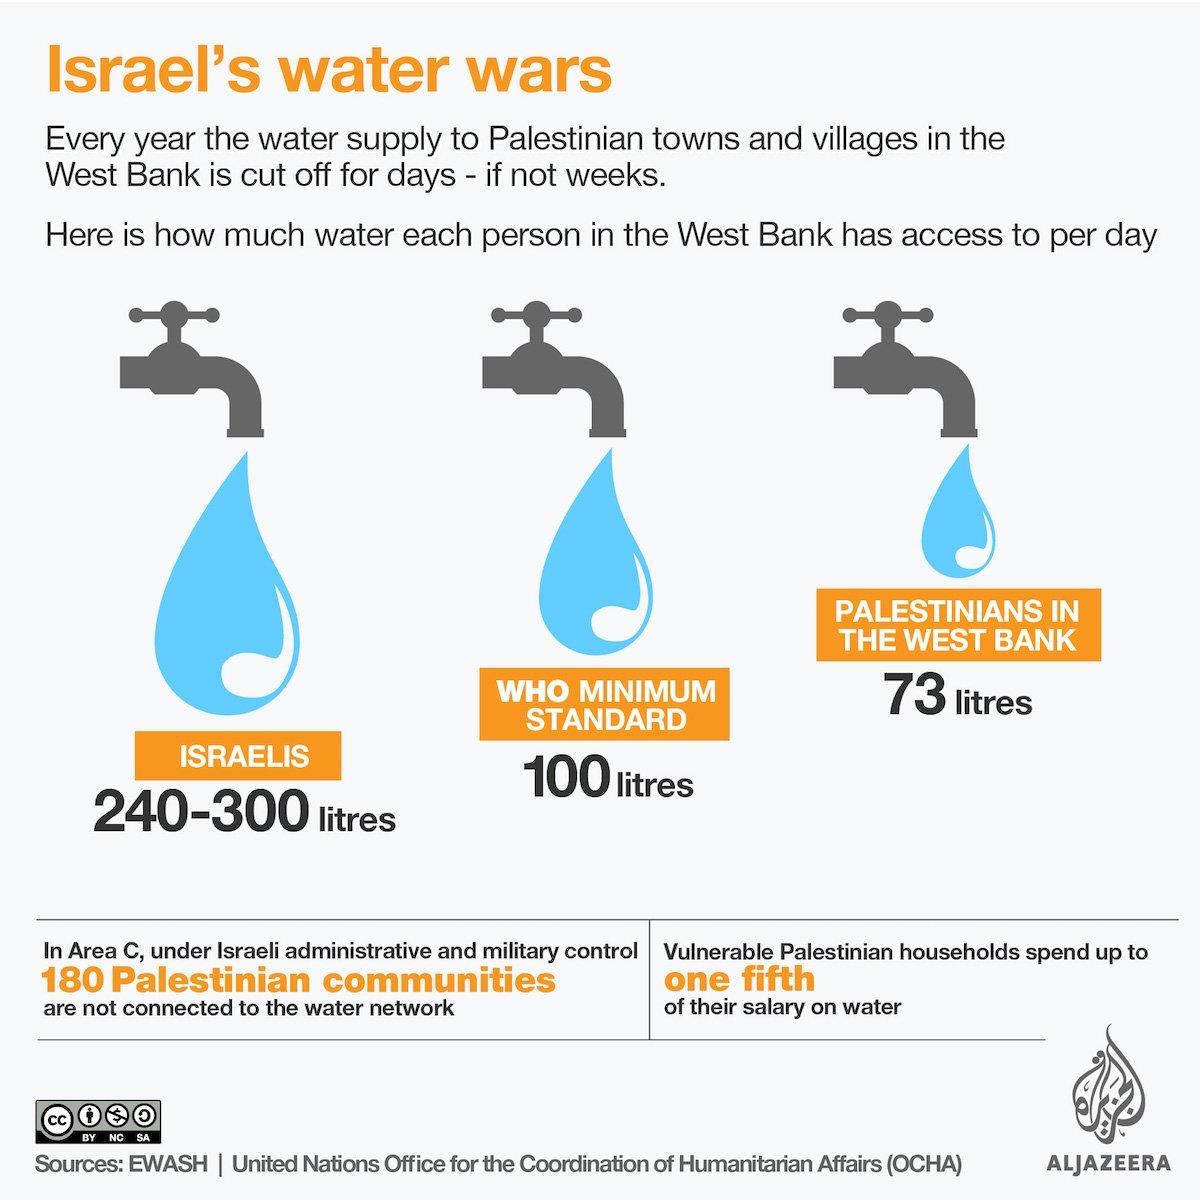 Israel's water cuts: West Bank 'in full crisis mode' @AJENews  https://t.co/8j6GycJJXr https://t.co/l78CmxdB6u